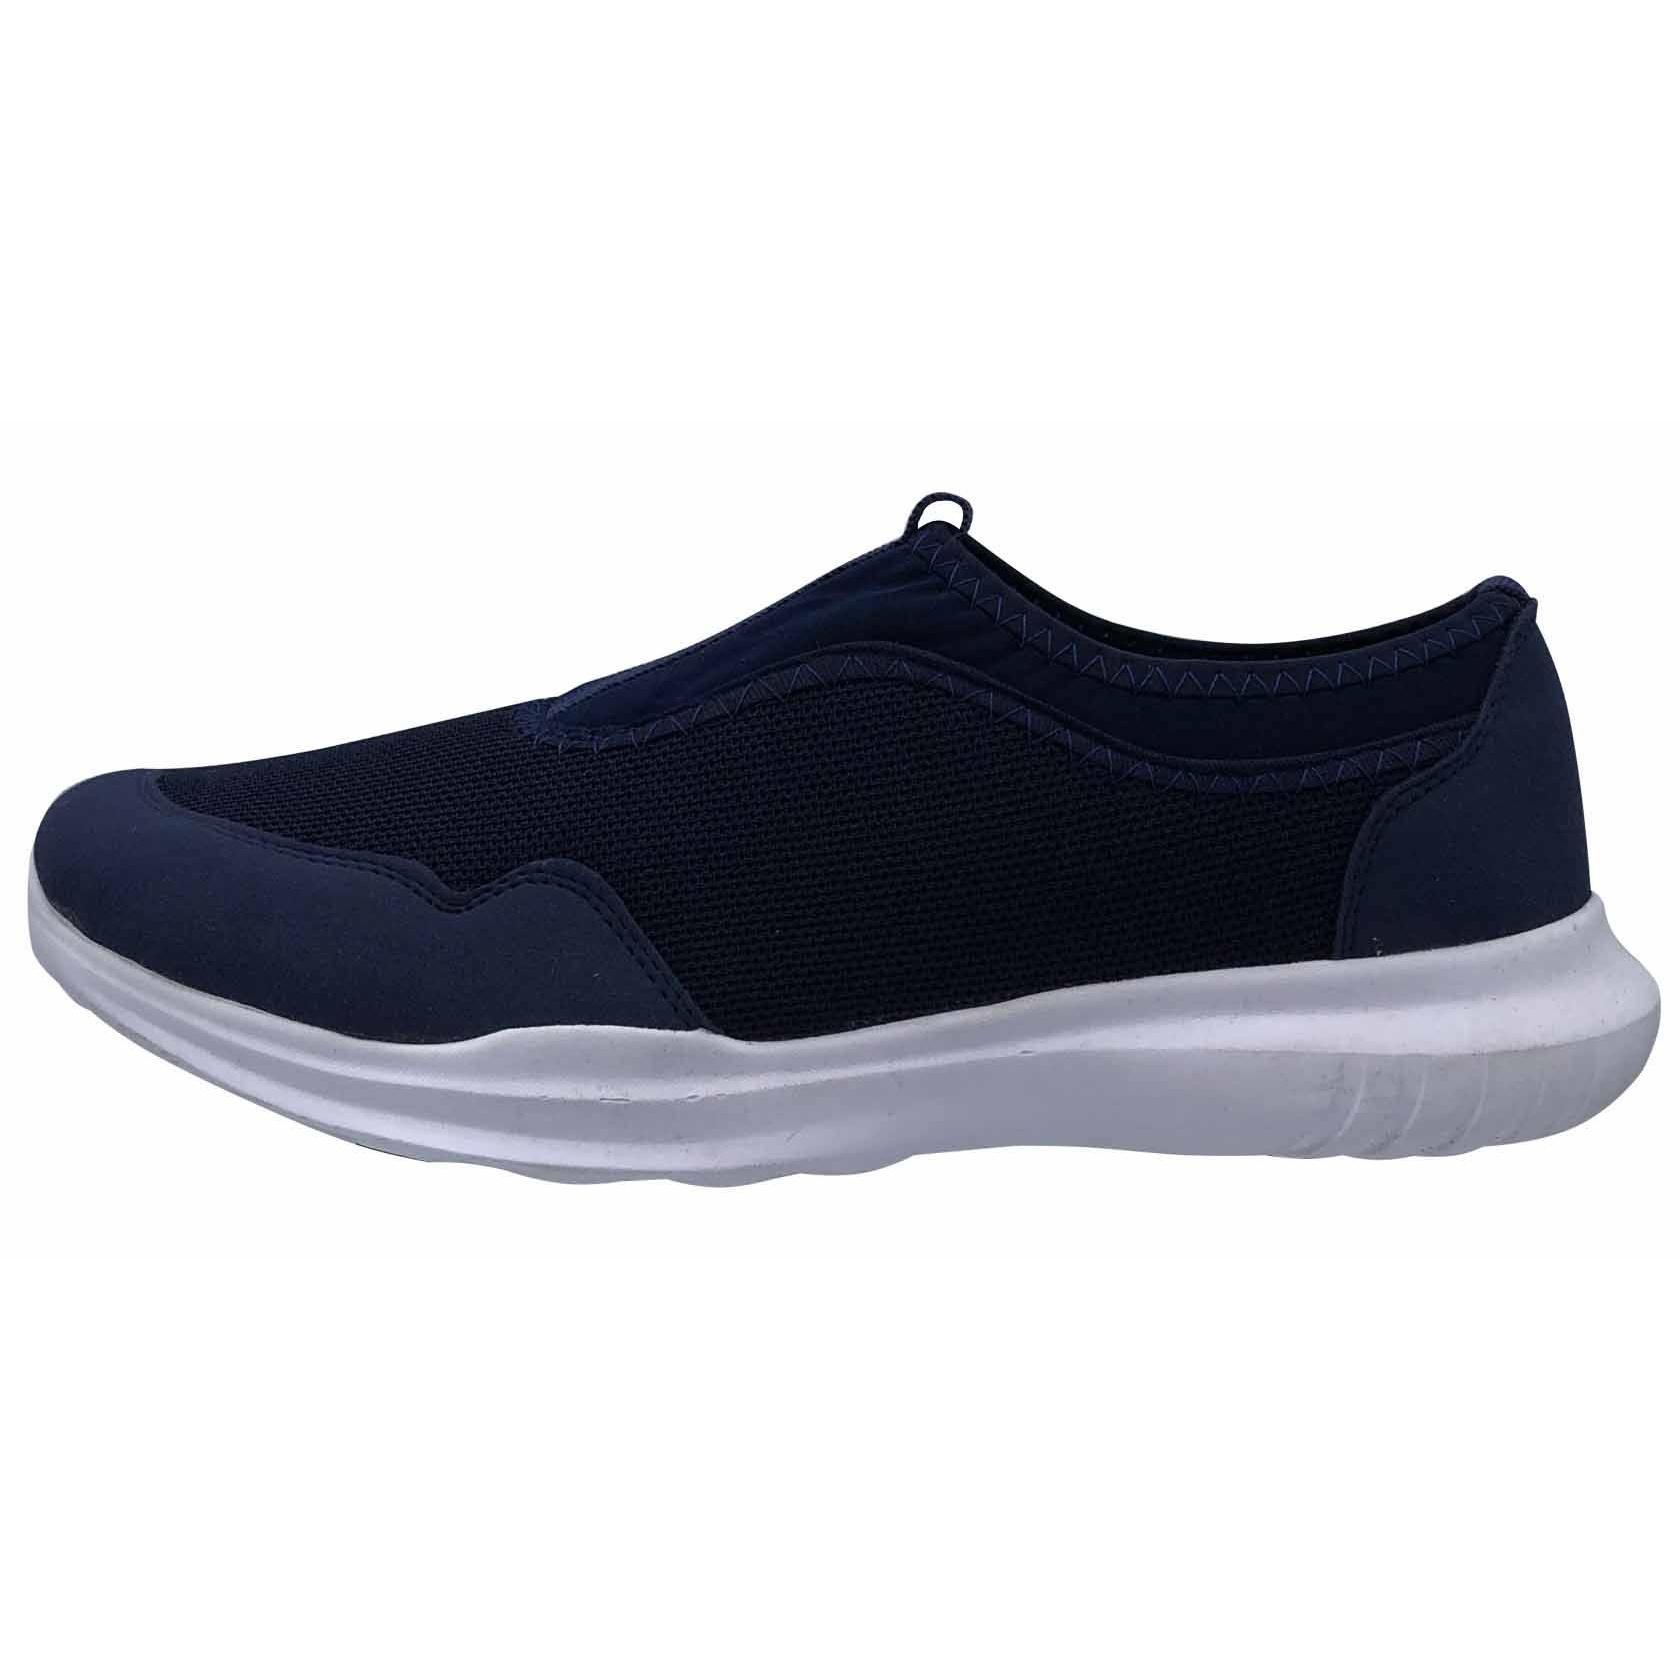 قیمت خرید کفش مخصوص پیاده روی مردانه کد 0805 اورجینال